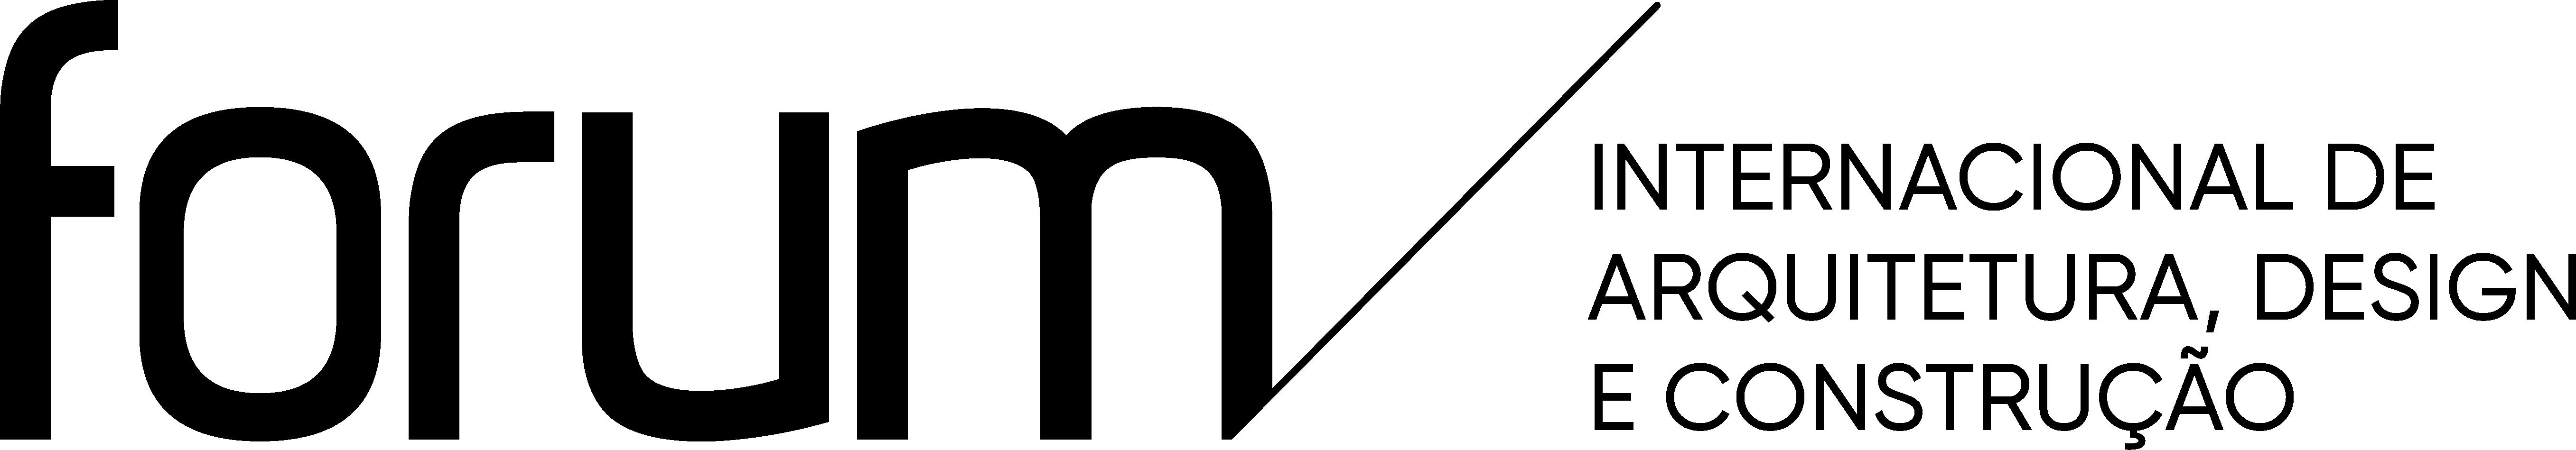 Logotipo Foro Internacional de Arquitectura, Diseño y Construcción